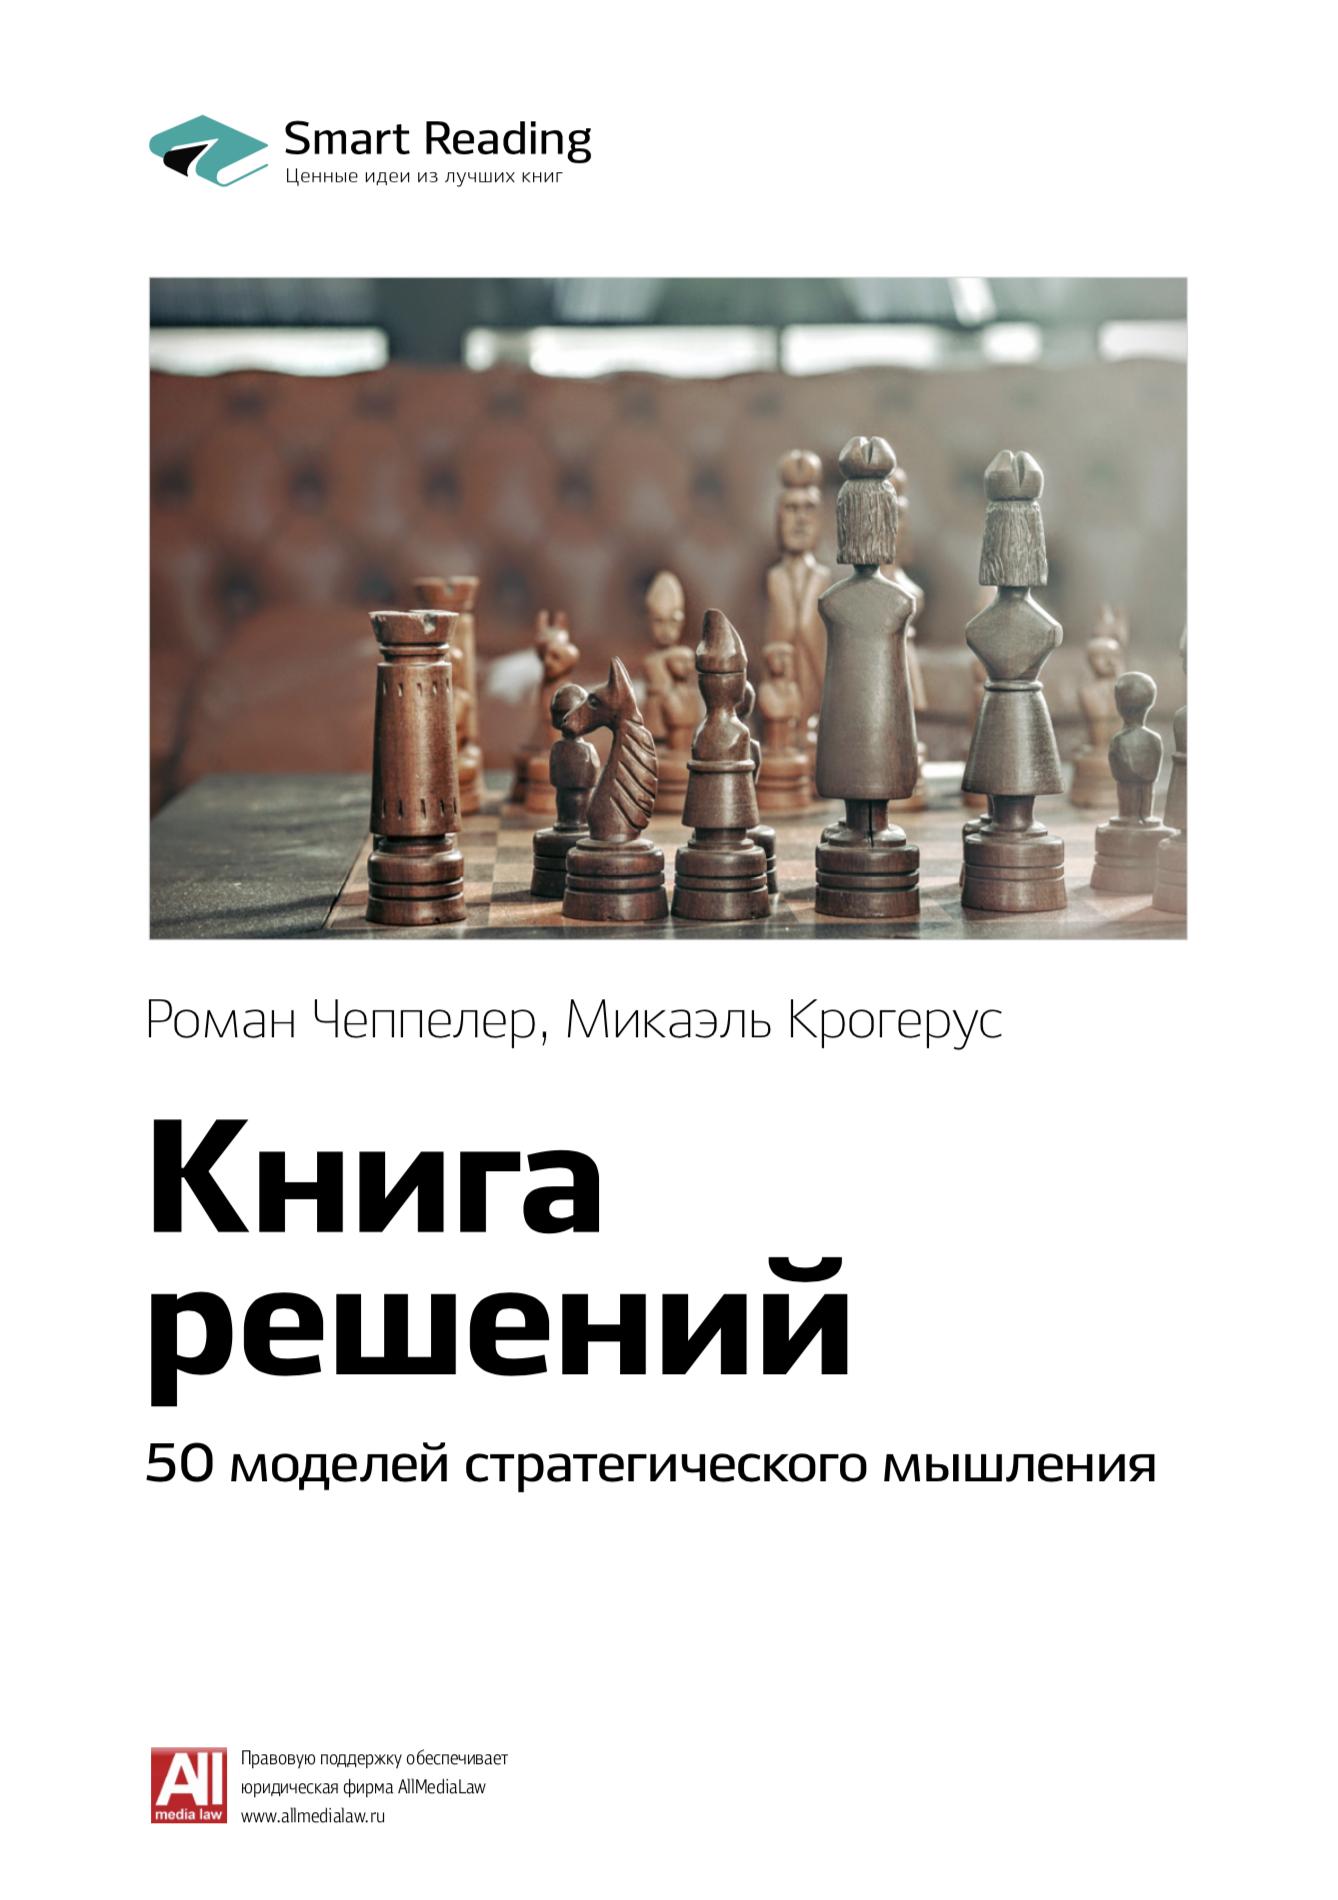 Ключевые идеи книги: Книга решений. 50 моделей стратегического мышления. Микаэль Крогерус, Роман Чеппелер